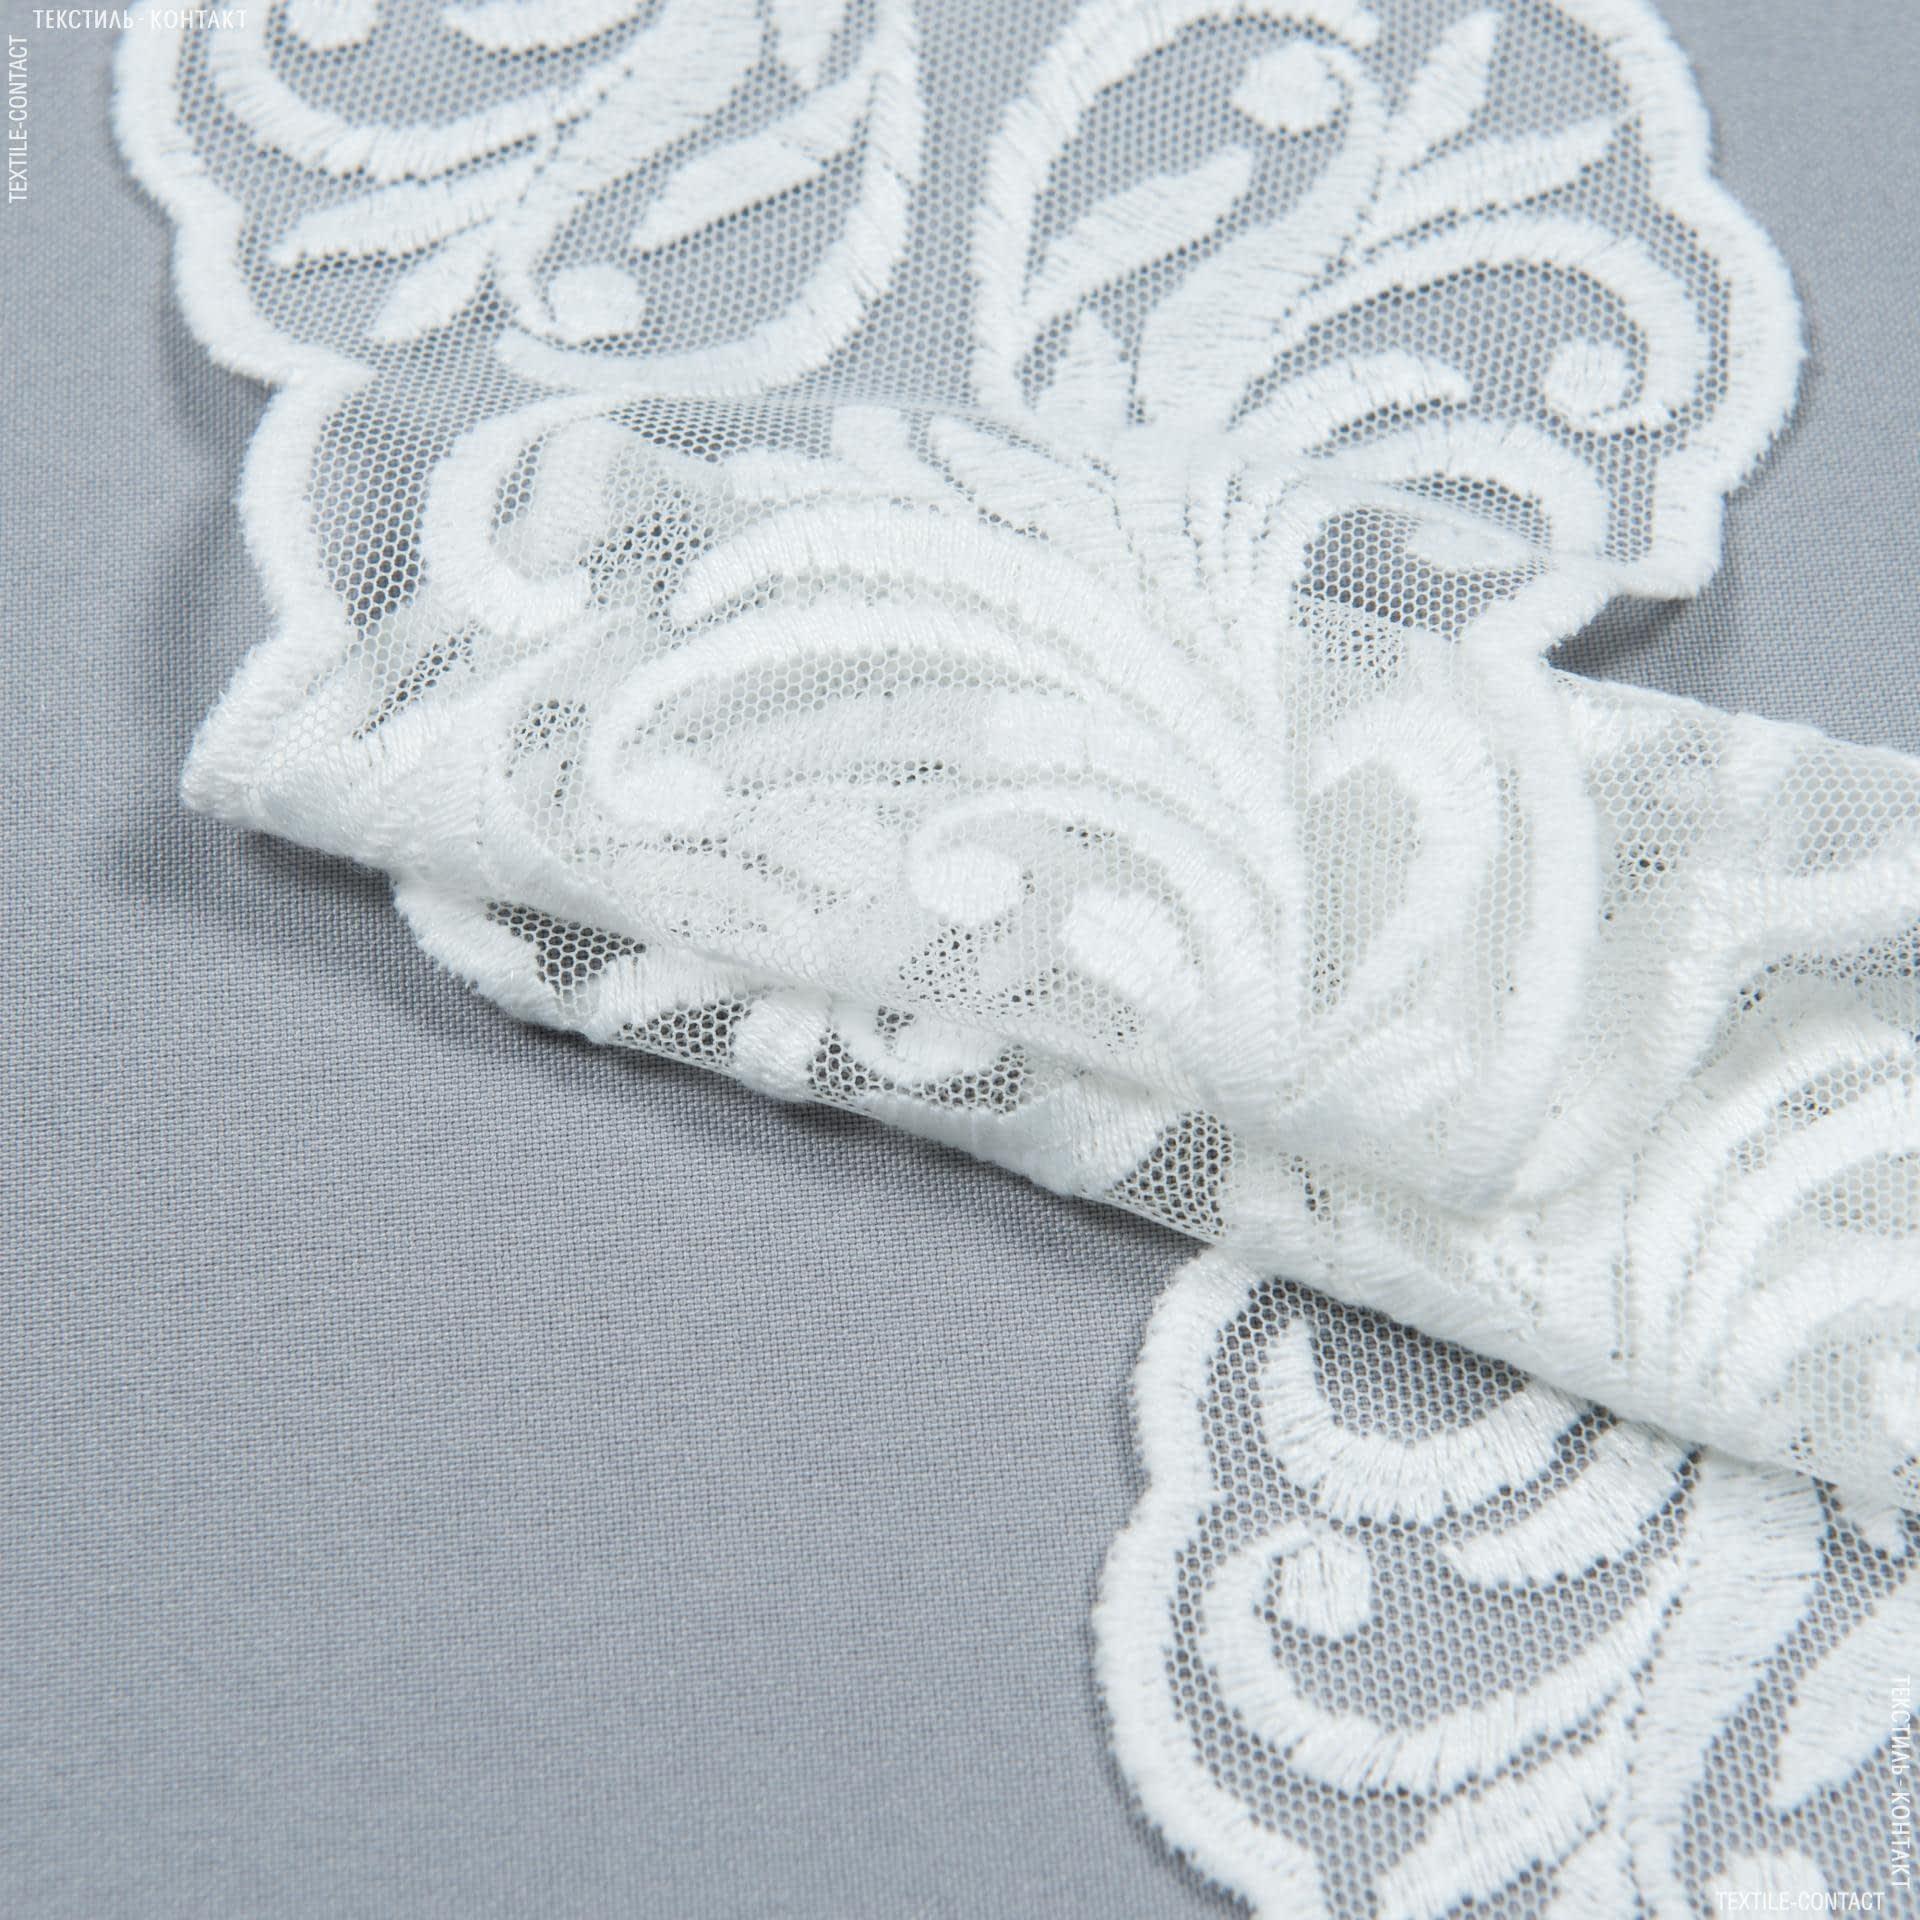 Тканини для печворку - Декоративне мереживо ленора / молочний 16 см